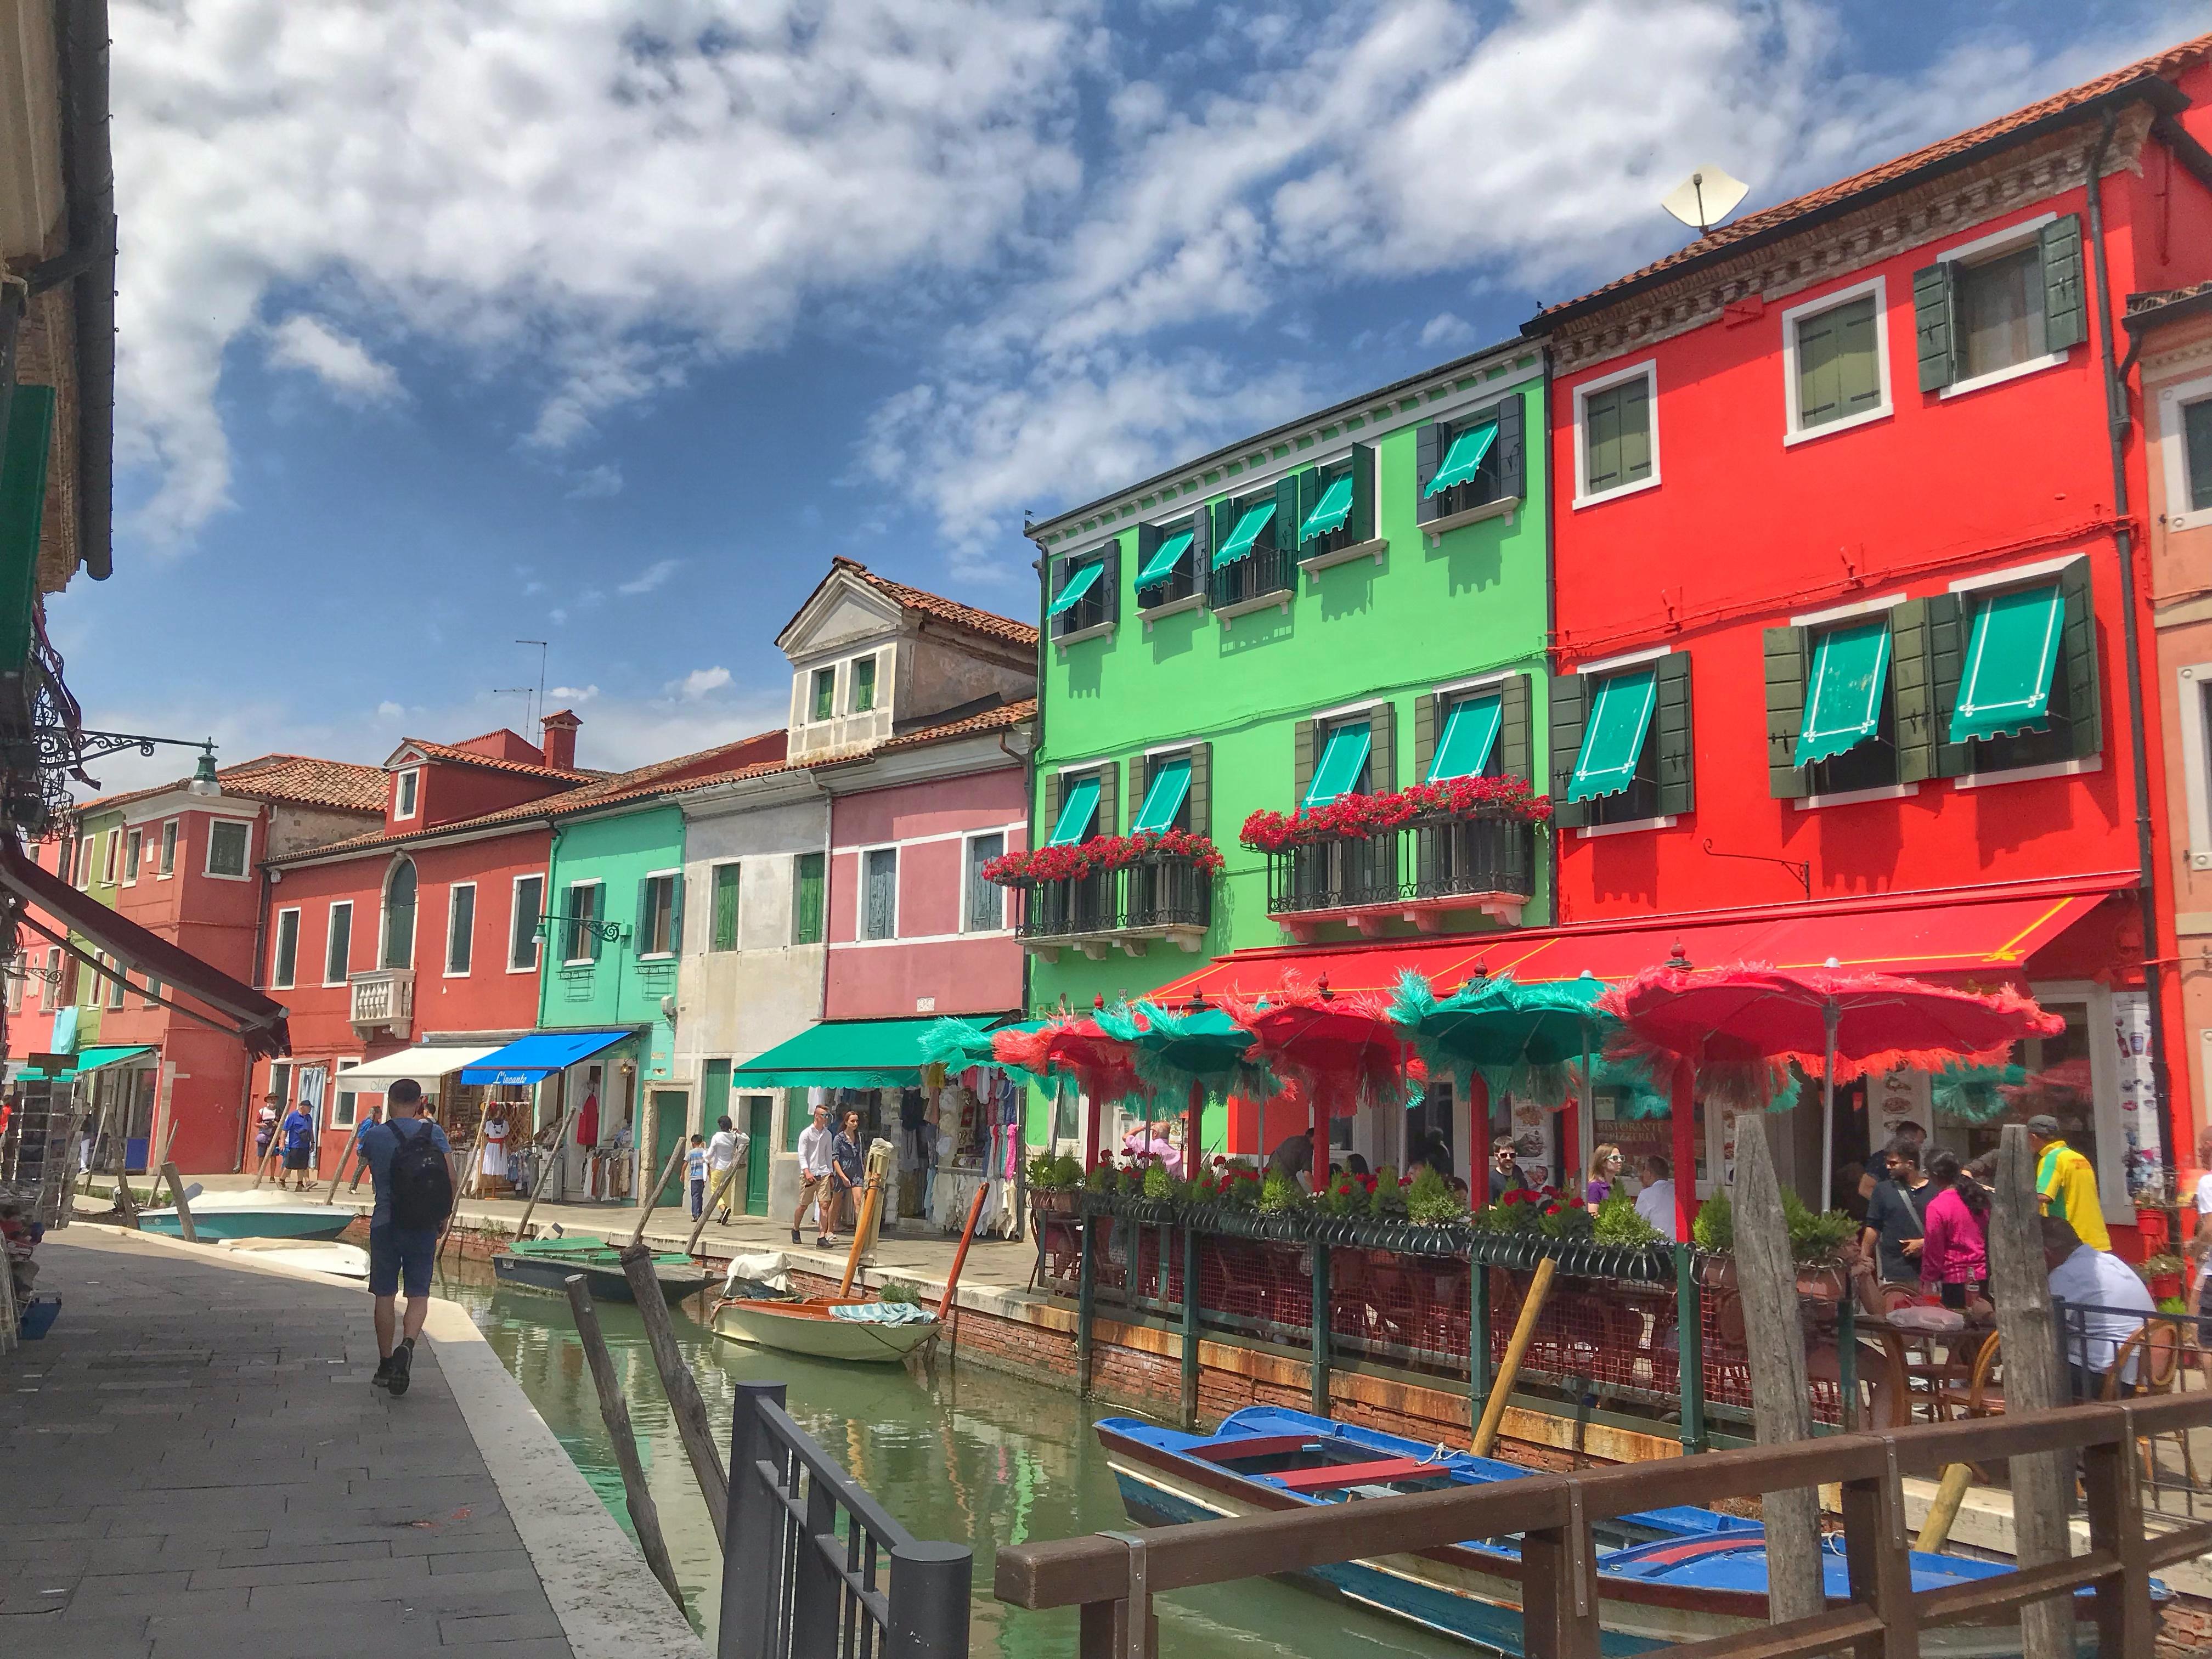 【ヴェネツィア旅行ブログ】カラフルな島巡り!2泊3日のイタリア旅行 #2